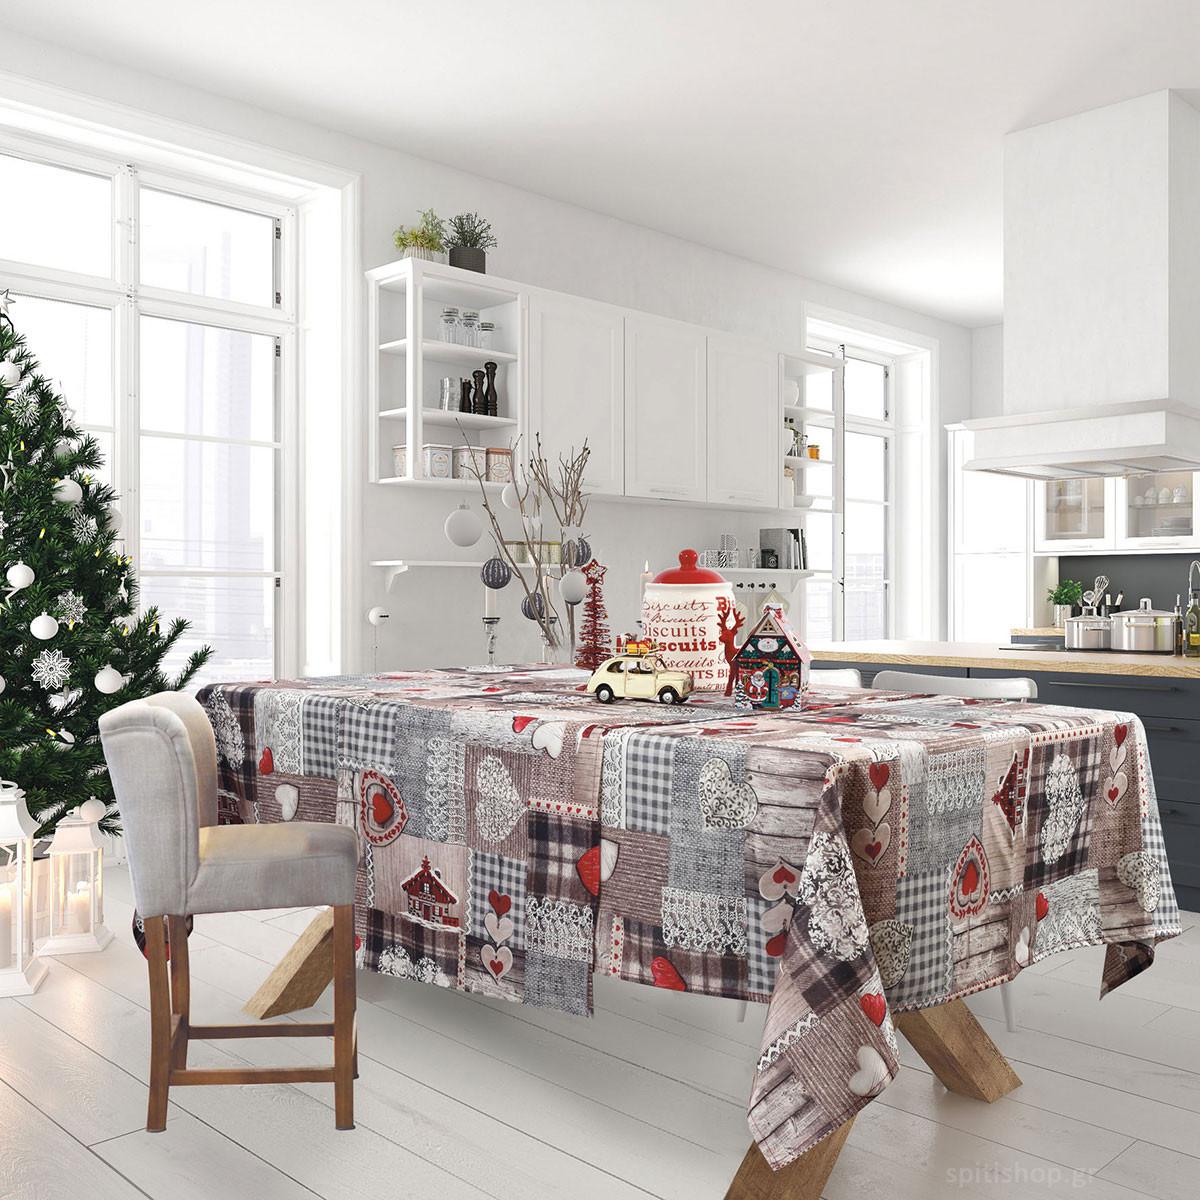 Χριστουγεννιάτικη Τραβέρσα Das Home Xmas 571 home   χριστουγεννιάτικα   χριστουγεννιάτικες τραβέρσες